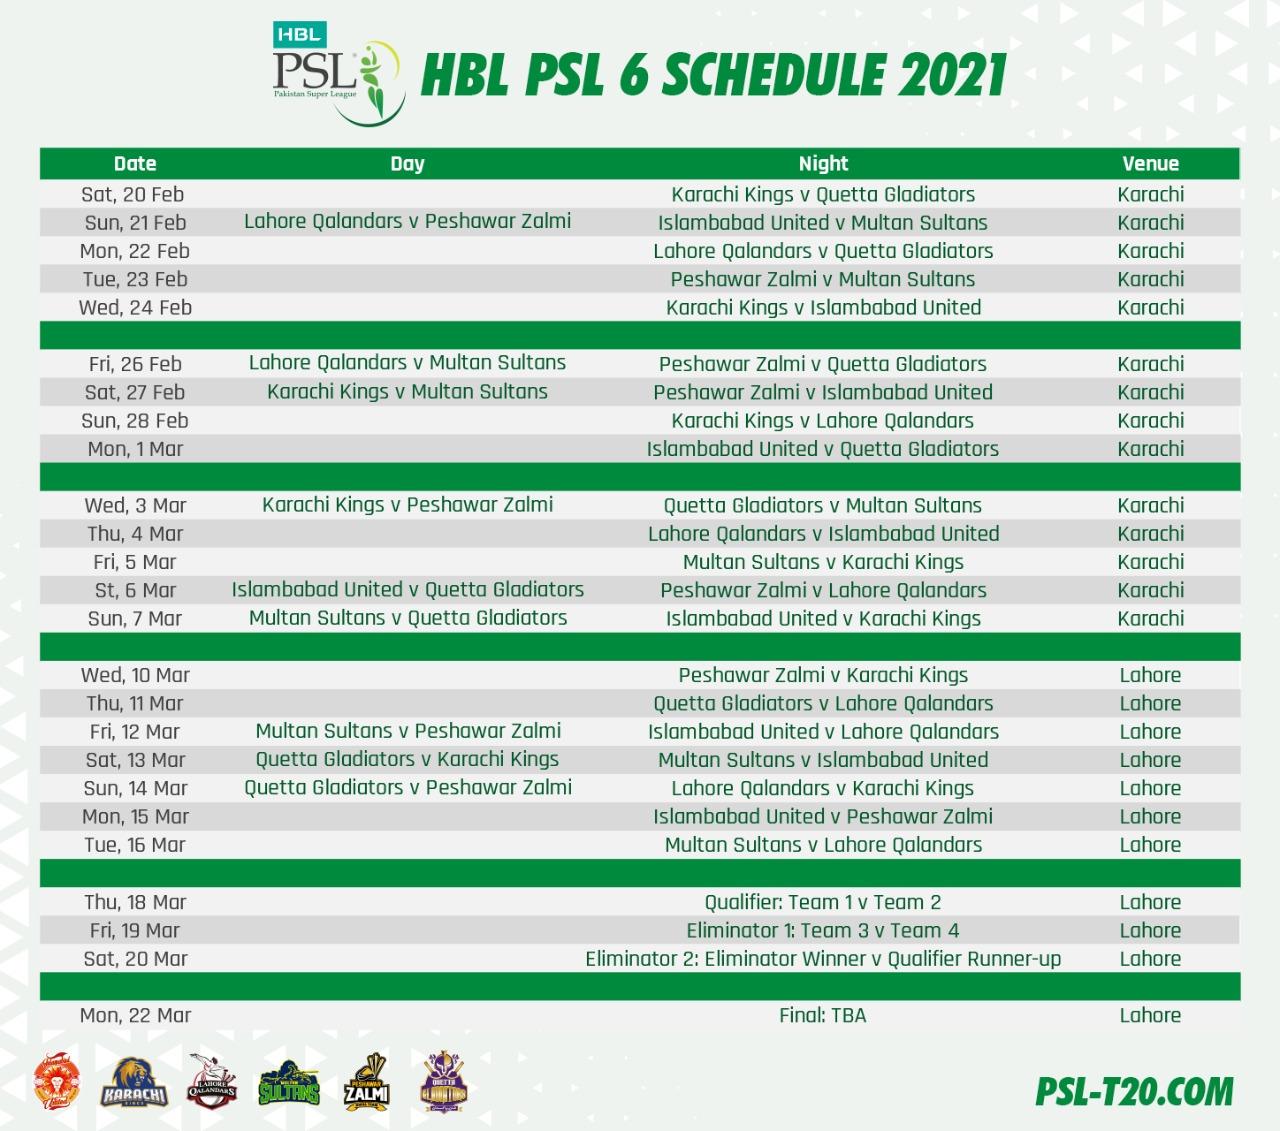 HBL PSL Schedule 2021